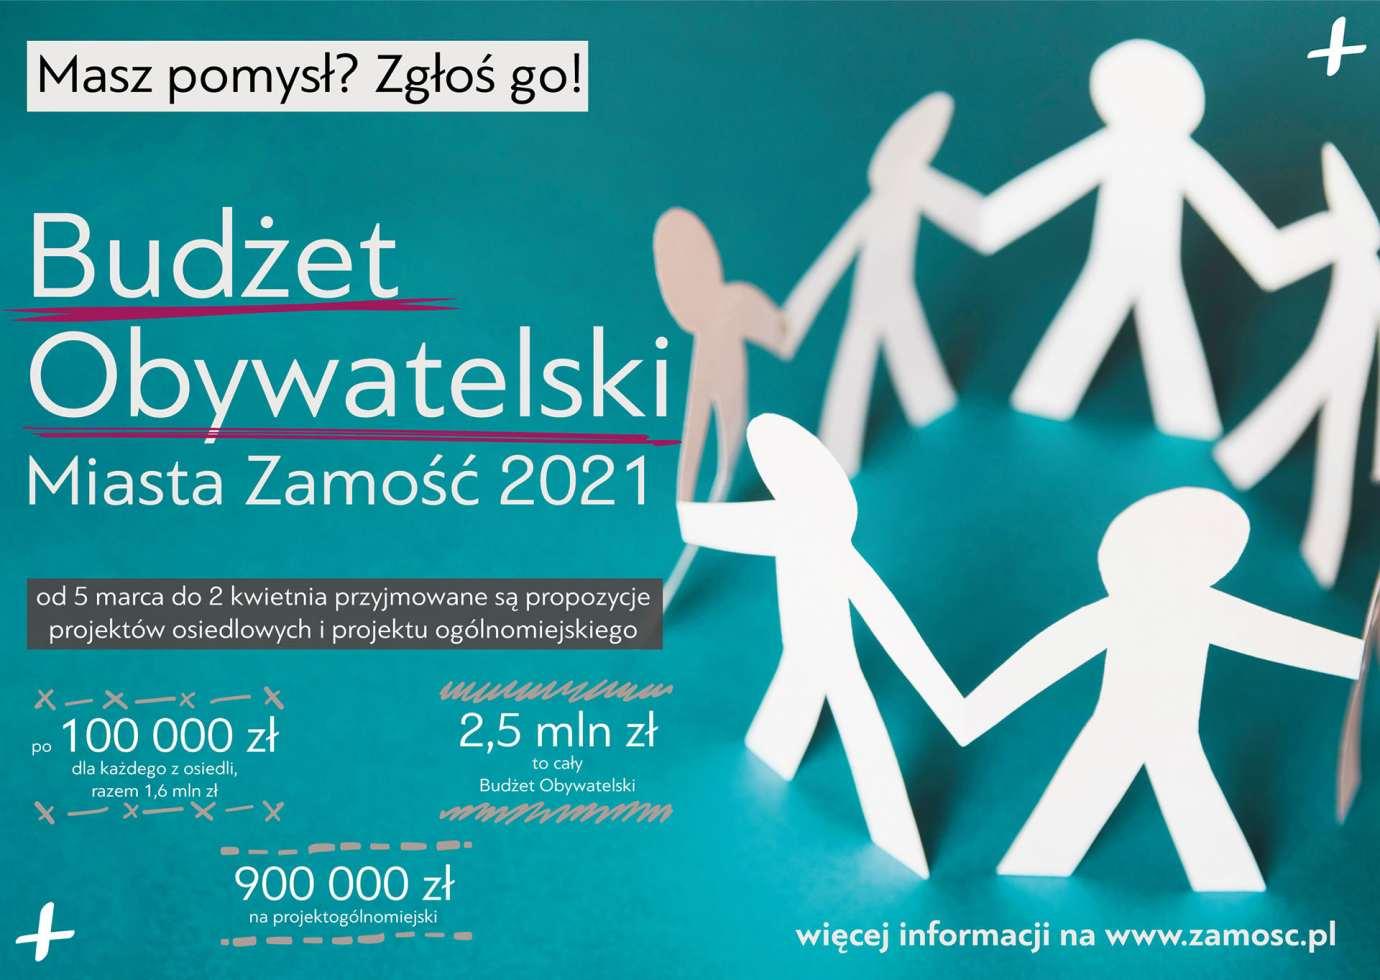 88103993 1500590940100809 7127435315031048192 o Rusza nowy Budżet Obywatelski. Jakie pomysły tym razem zgłoszą zamościanie?